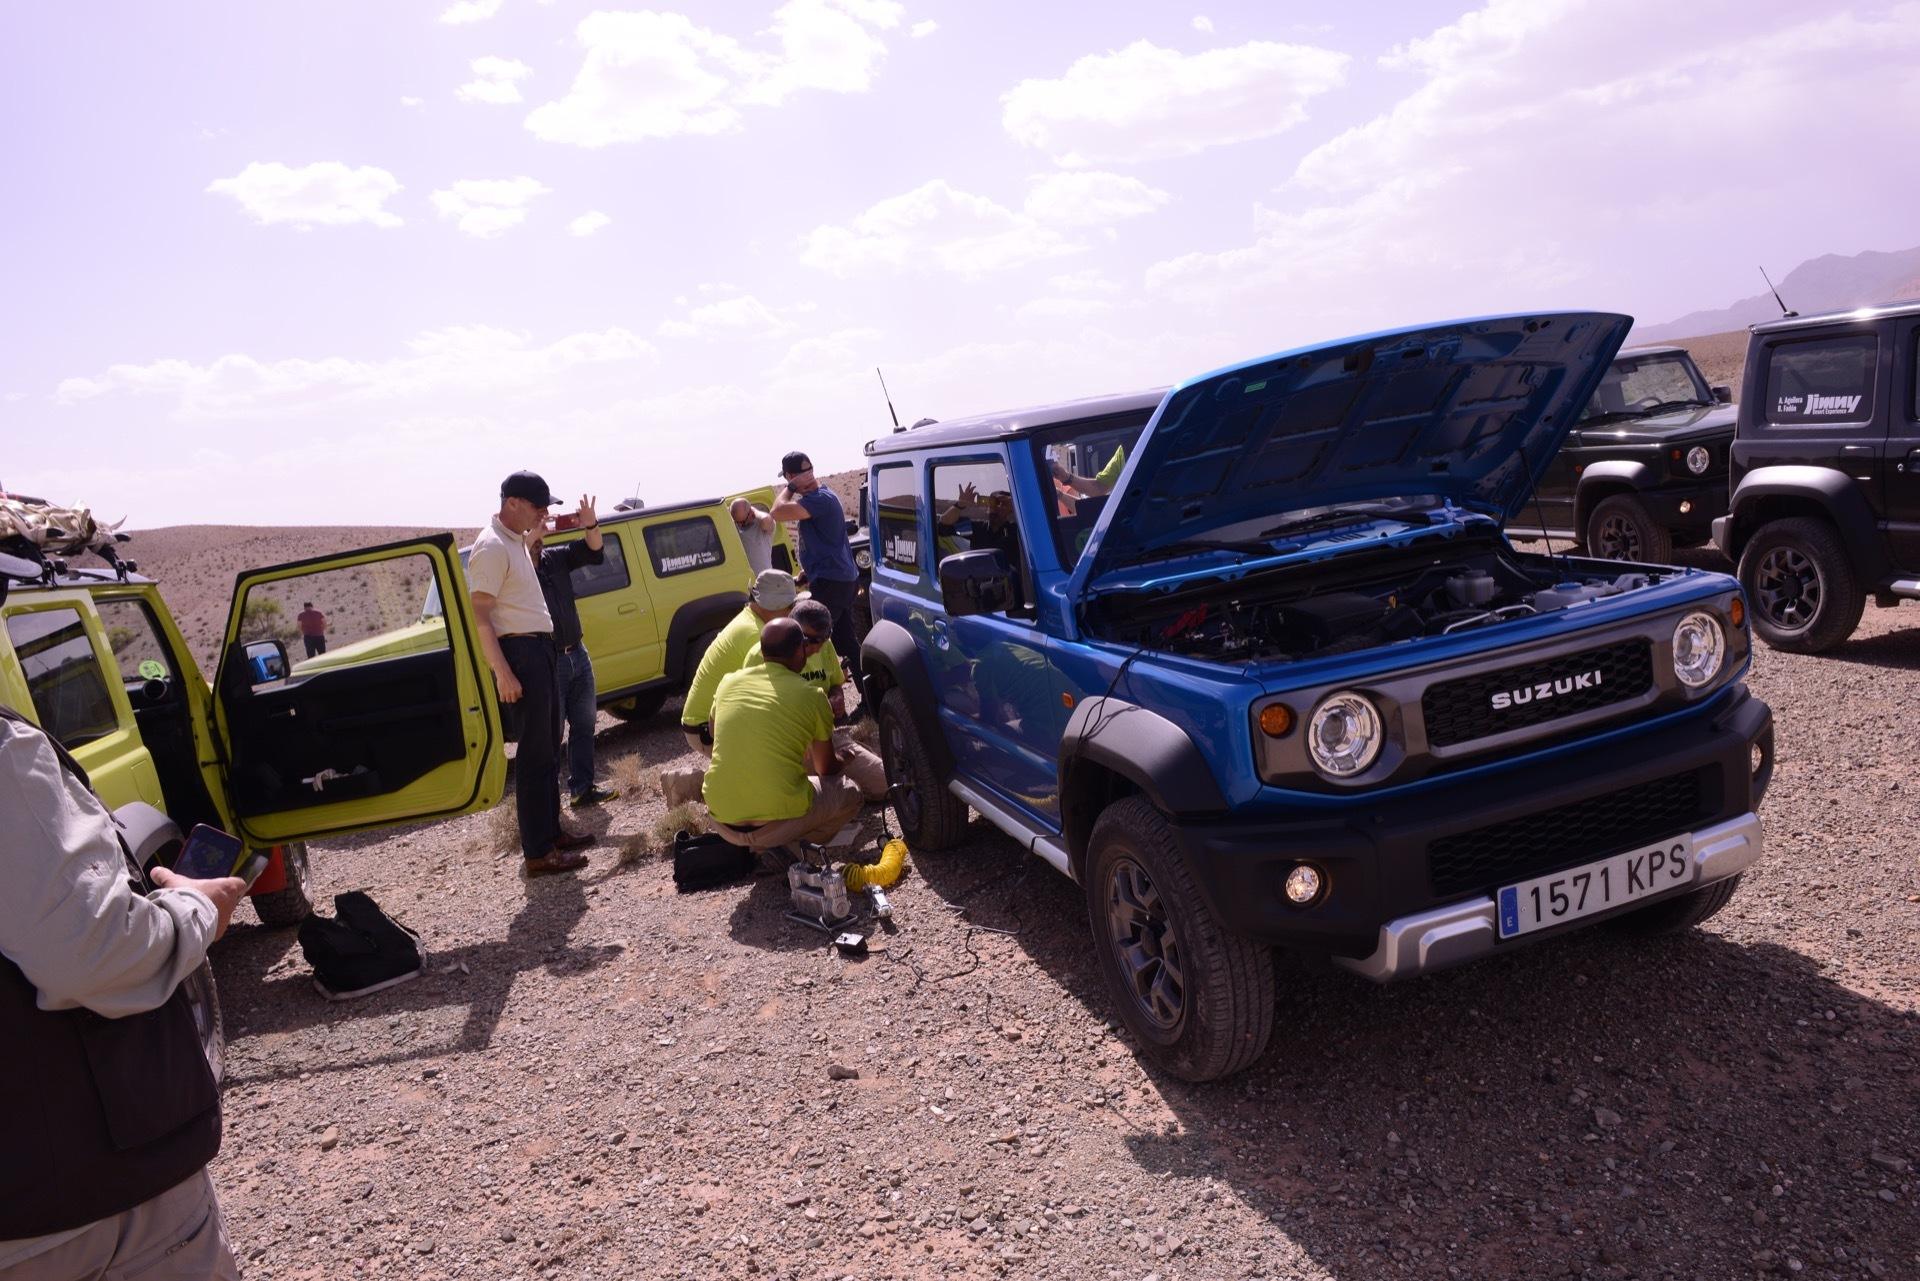 Suzuki Jimny Desert Experience 2019 00020